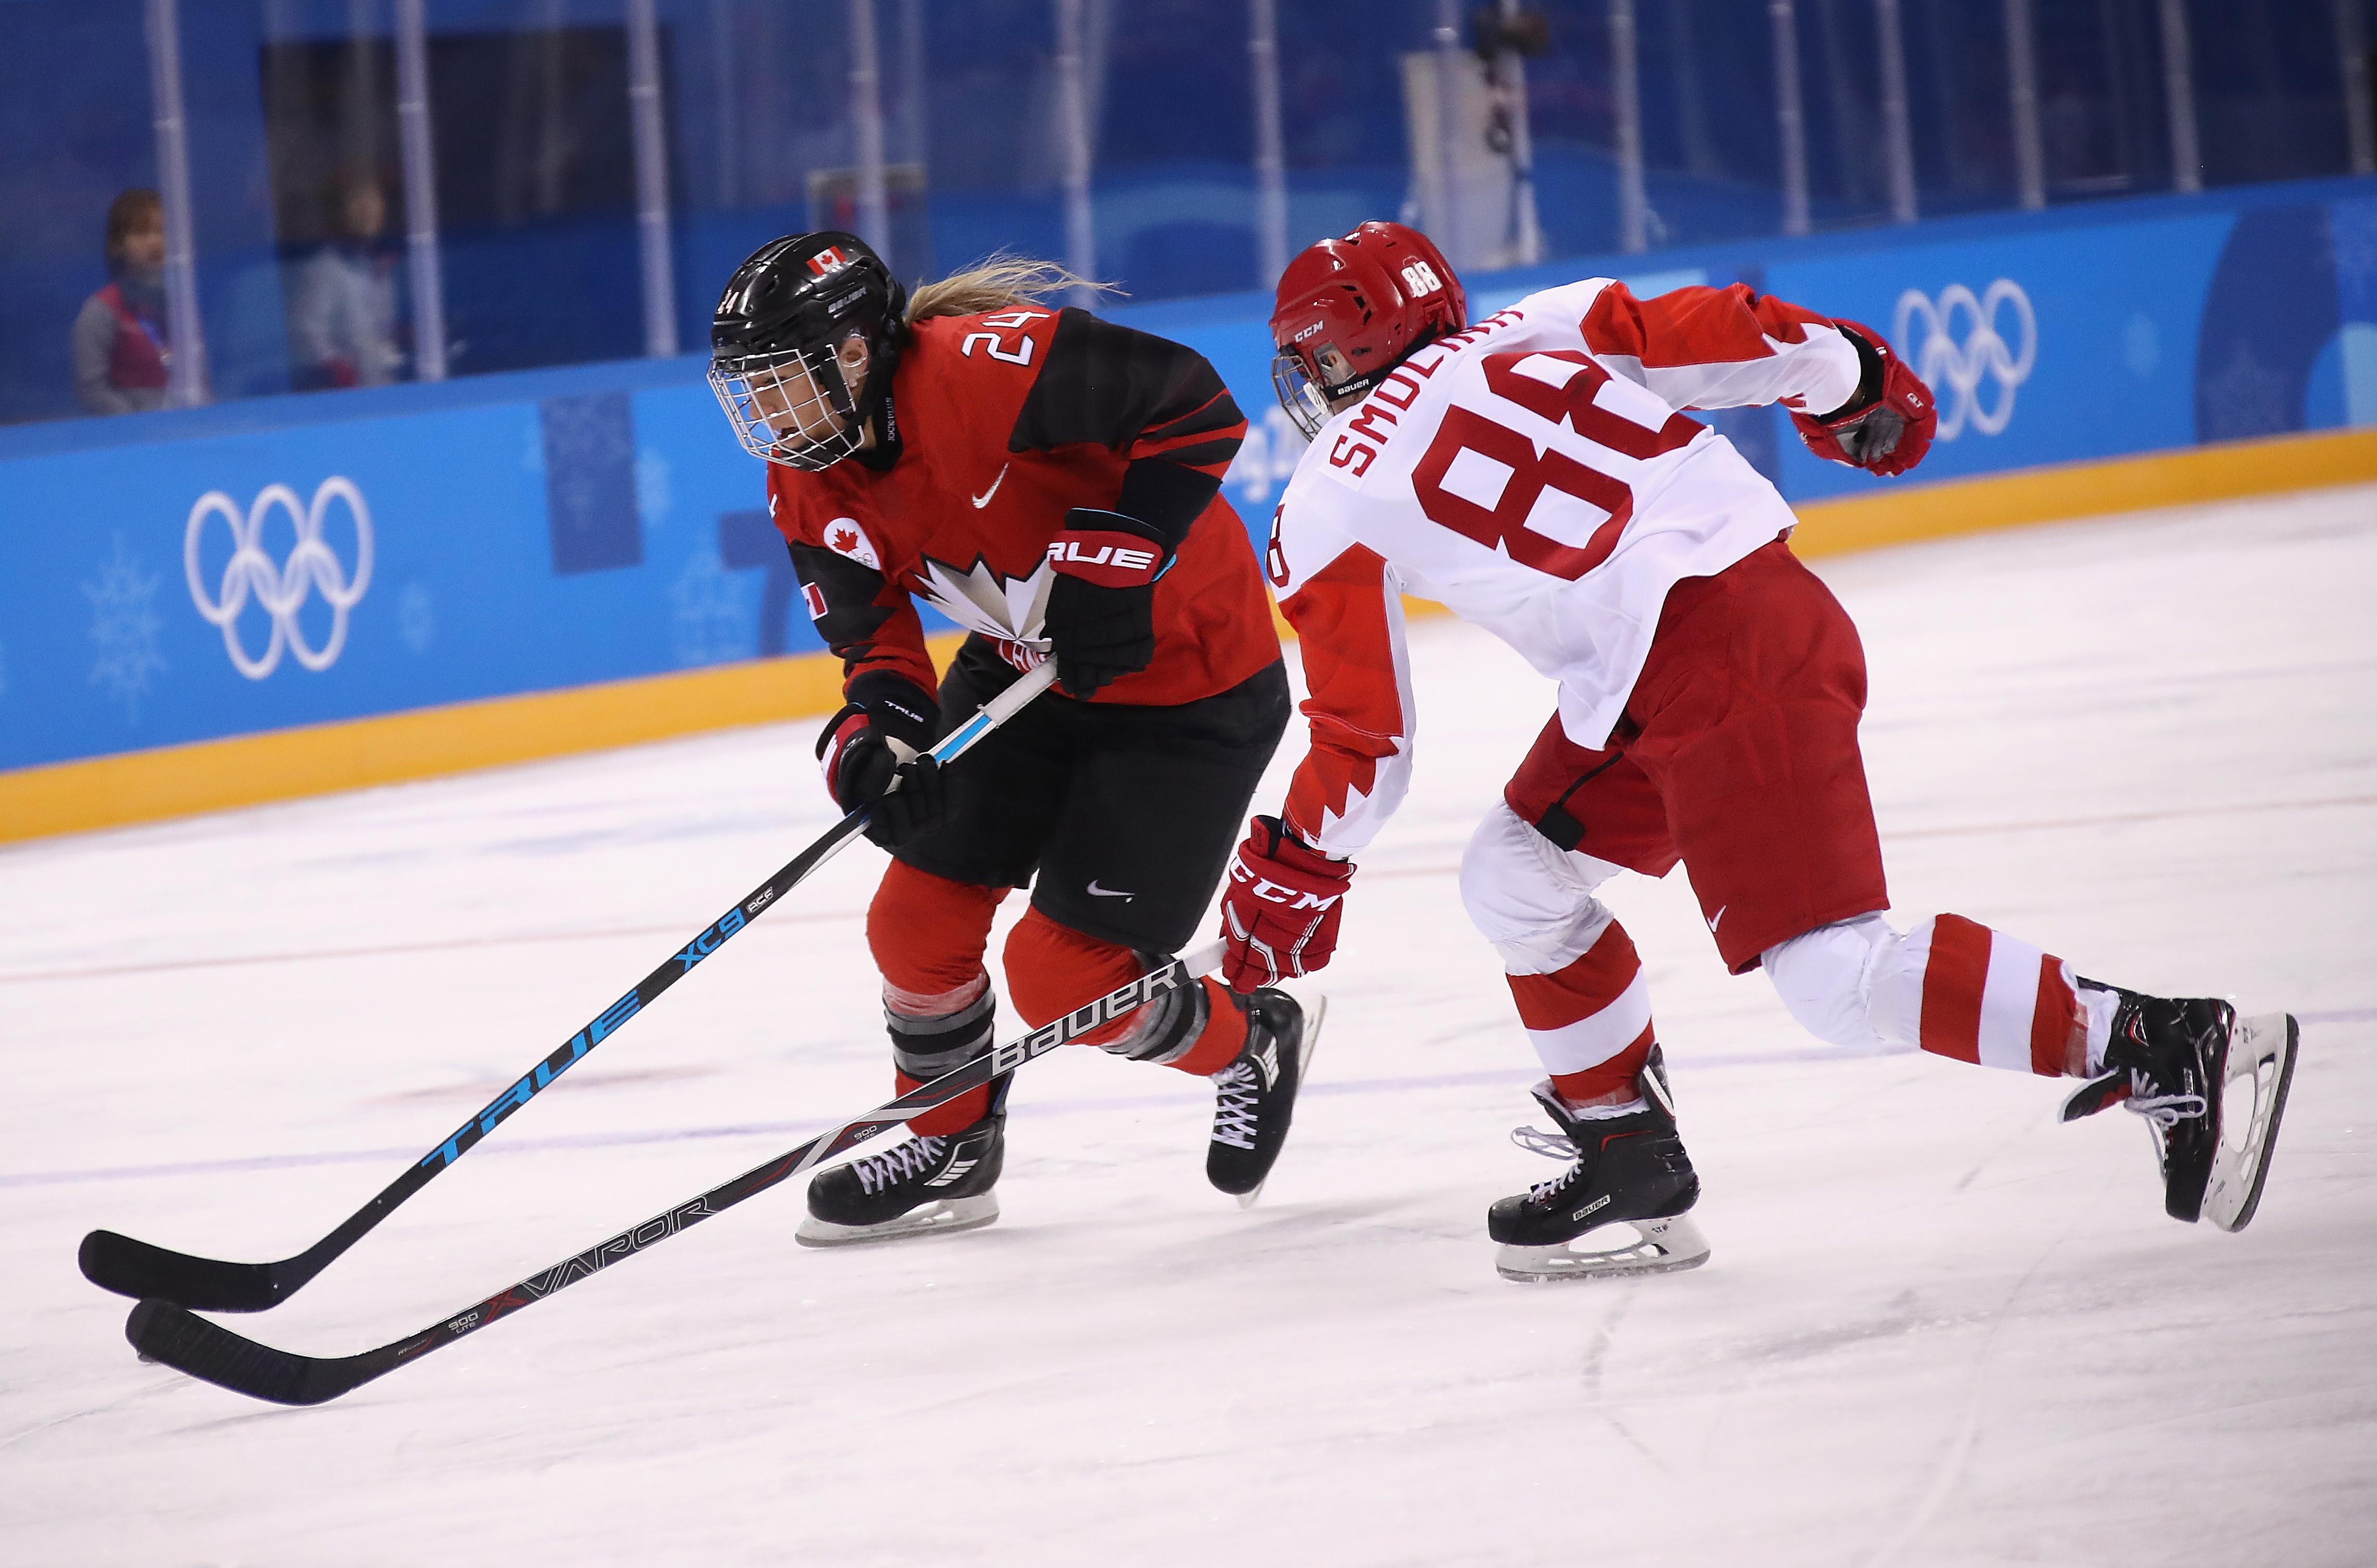 Ice Hockey - Winter Olympics Day 2